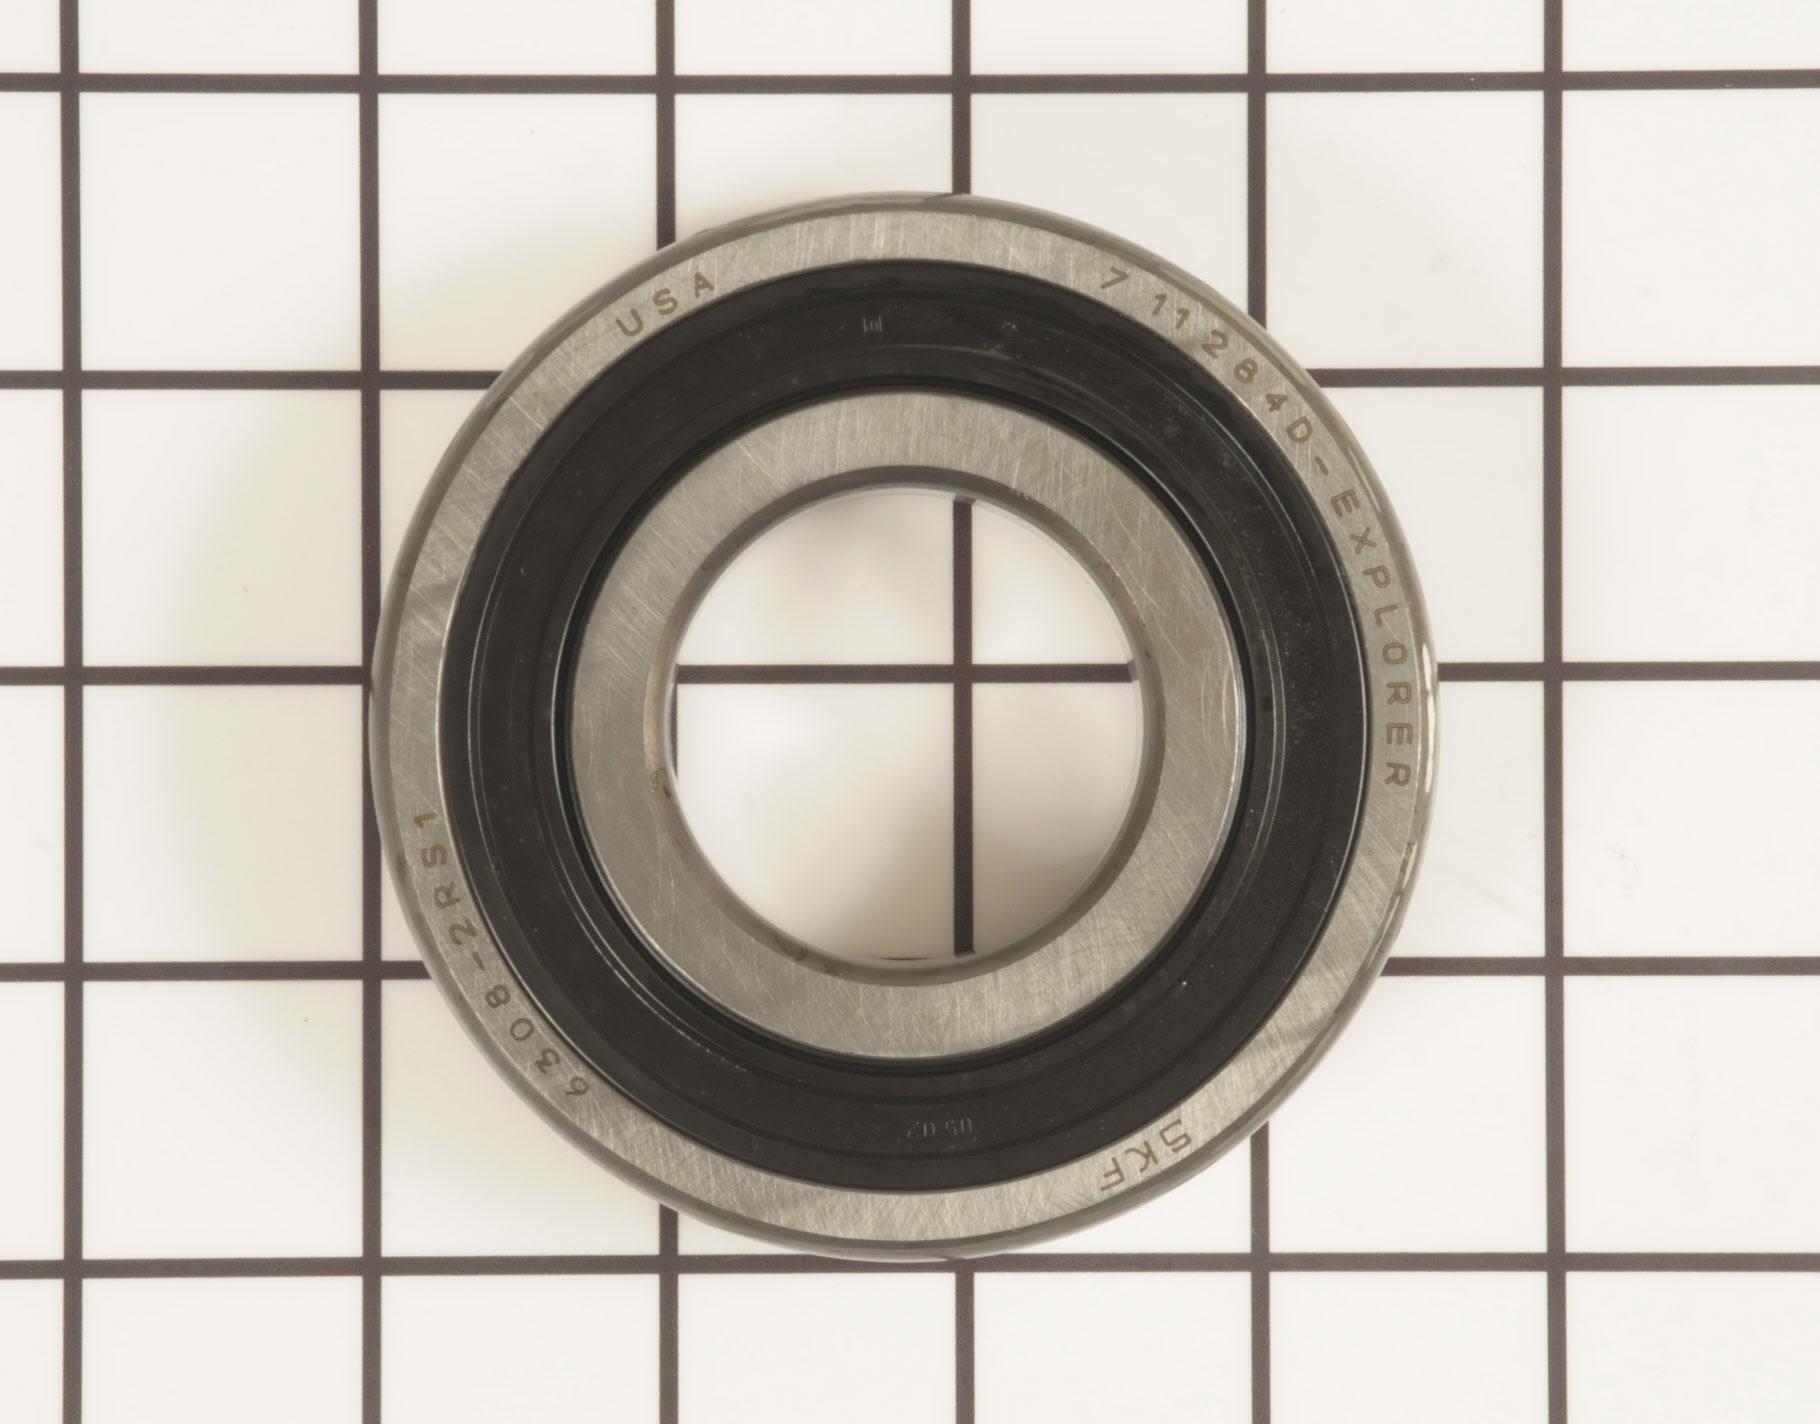 24002048 Maytag Washing Machine Part -Bearing